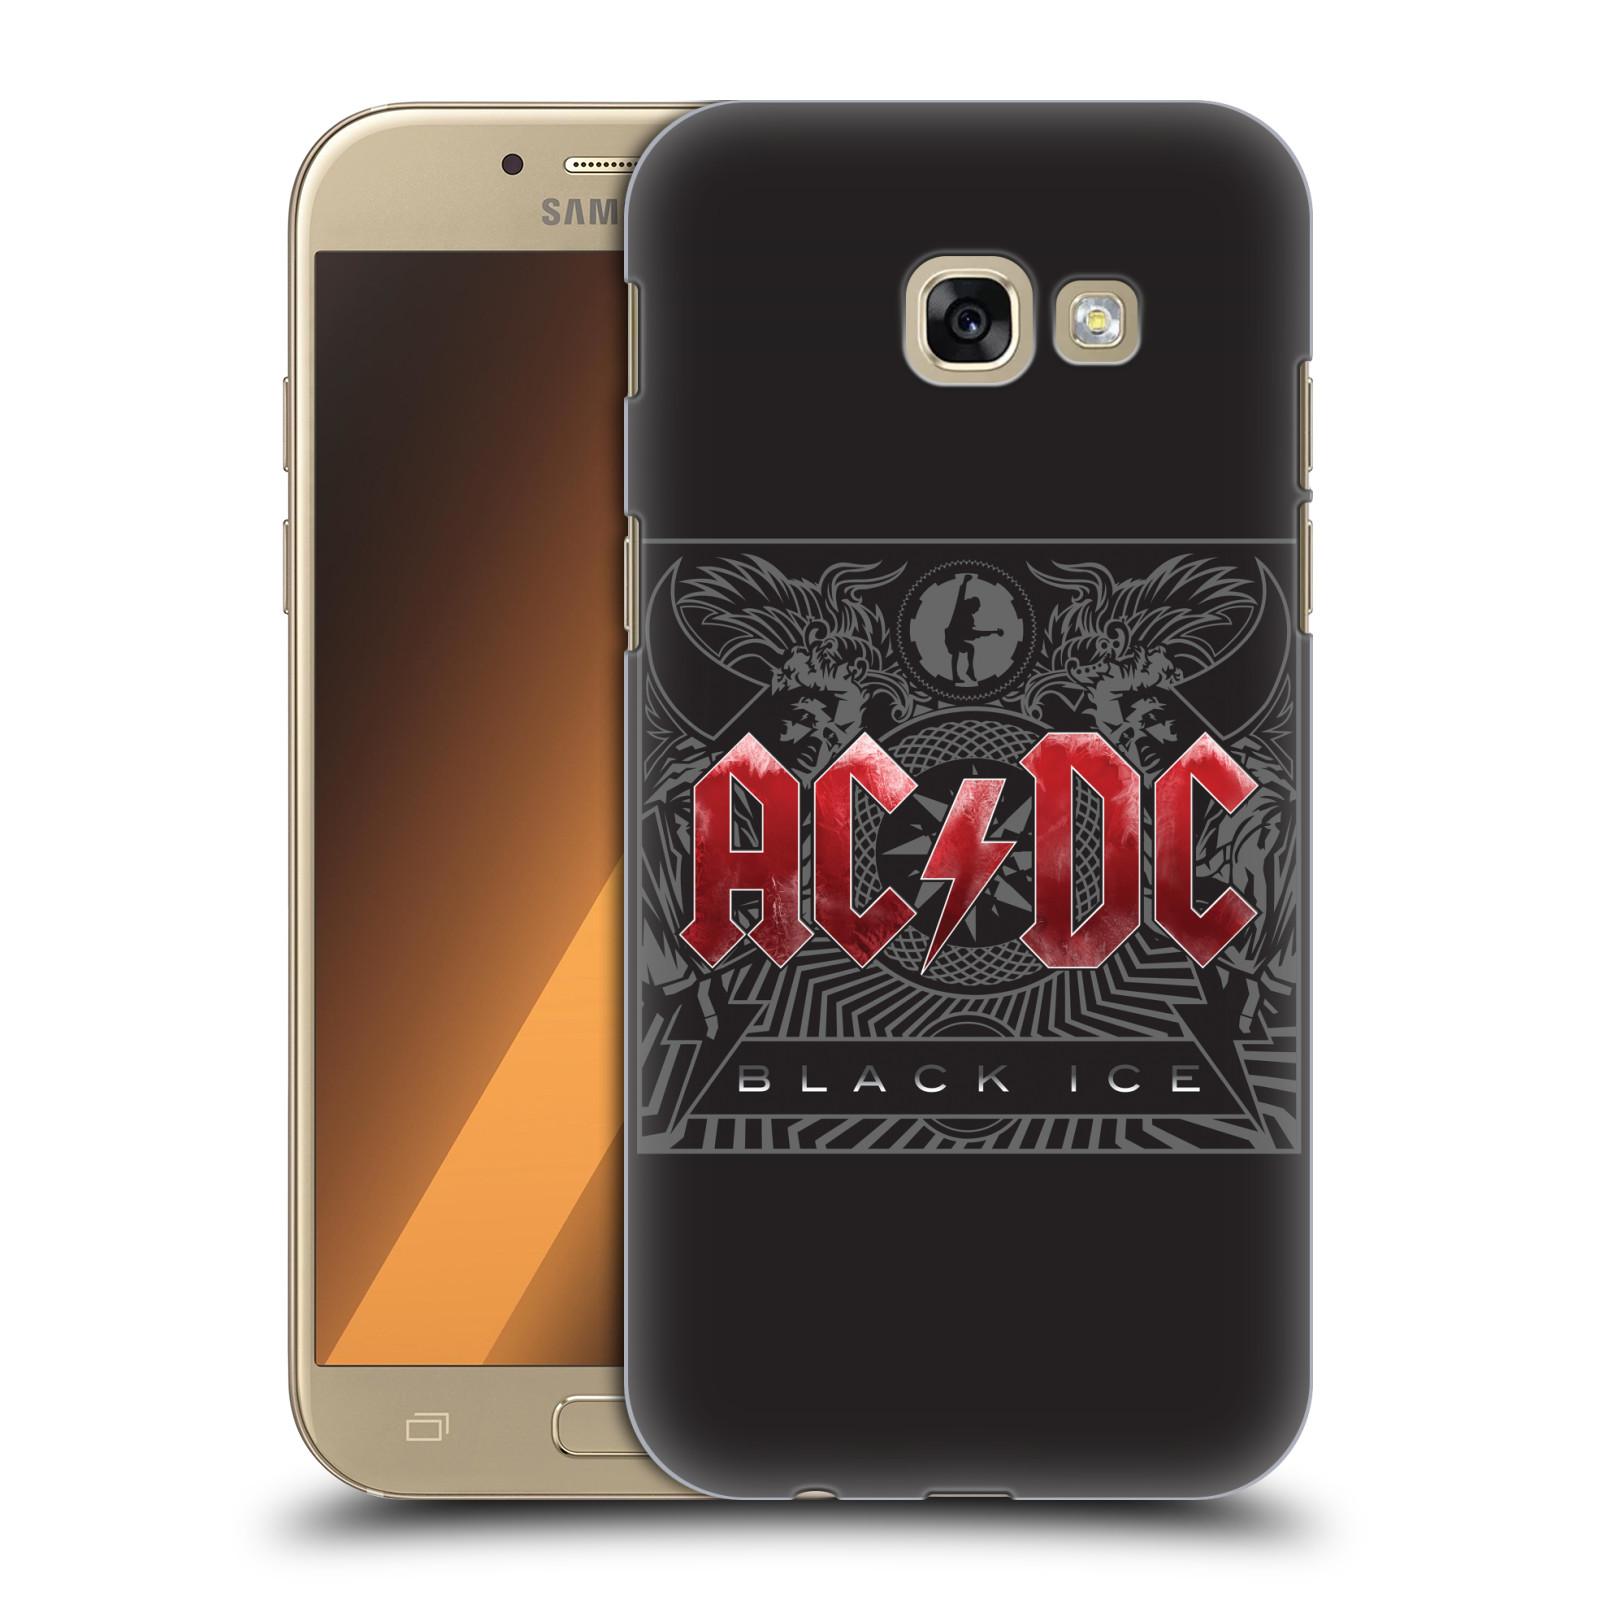 Plastové pouzdro na mobil Samsung Galaxy A5 (2017) HEAD CASE AC/DC Black Ice (Plastový kryt či obal na mobilní telefon s oficiálním motivem australské skupiny AC/DC pro Samsung Galaxy A5 2017 SM-A520)